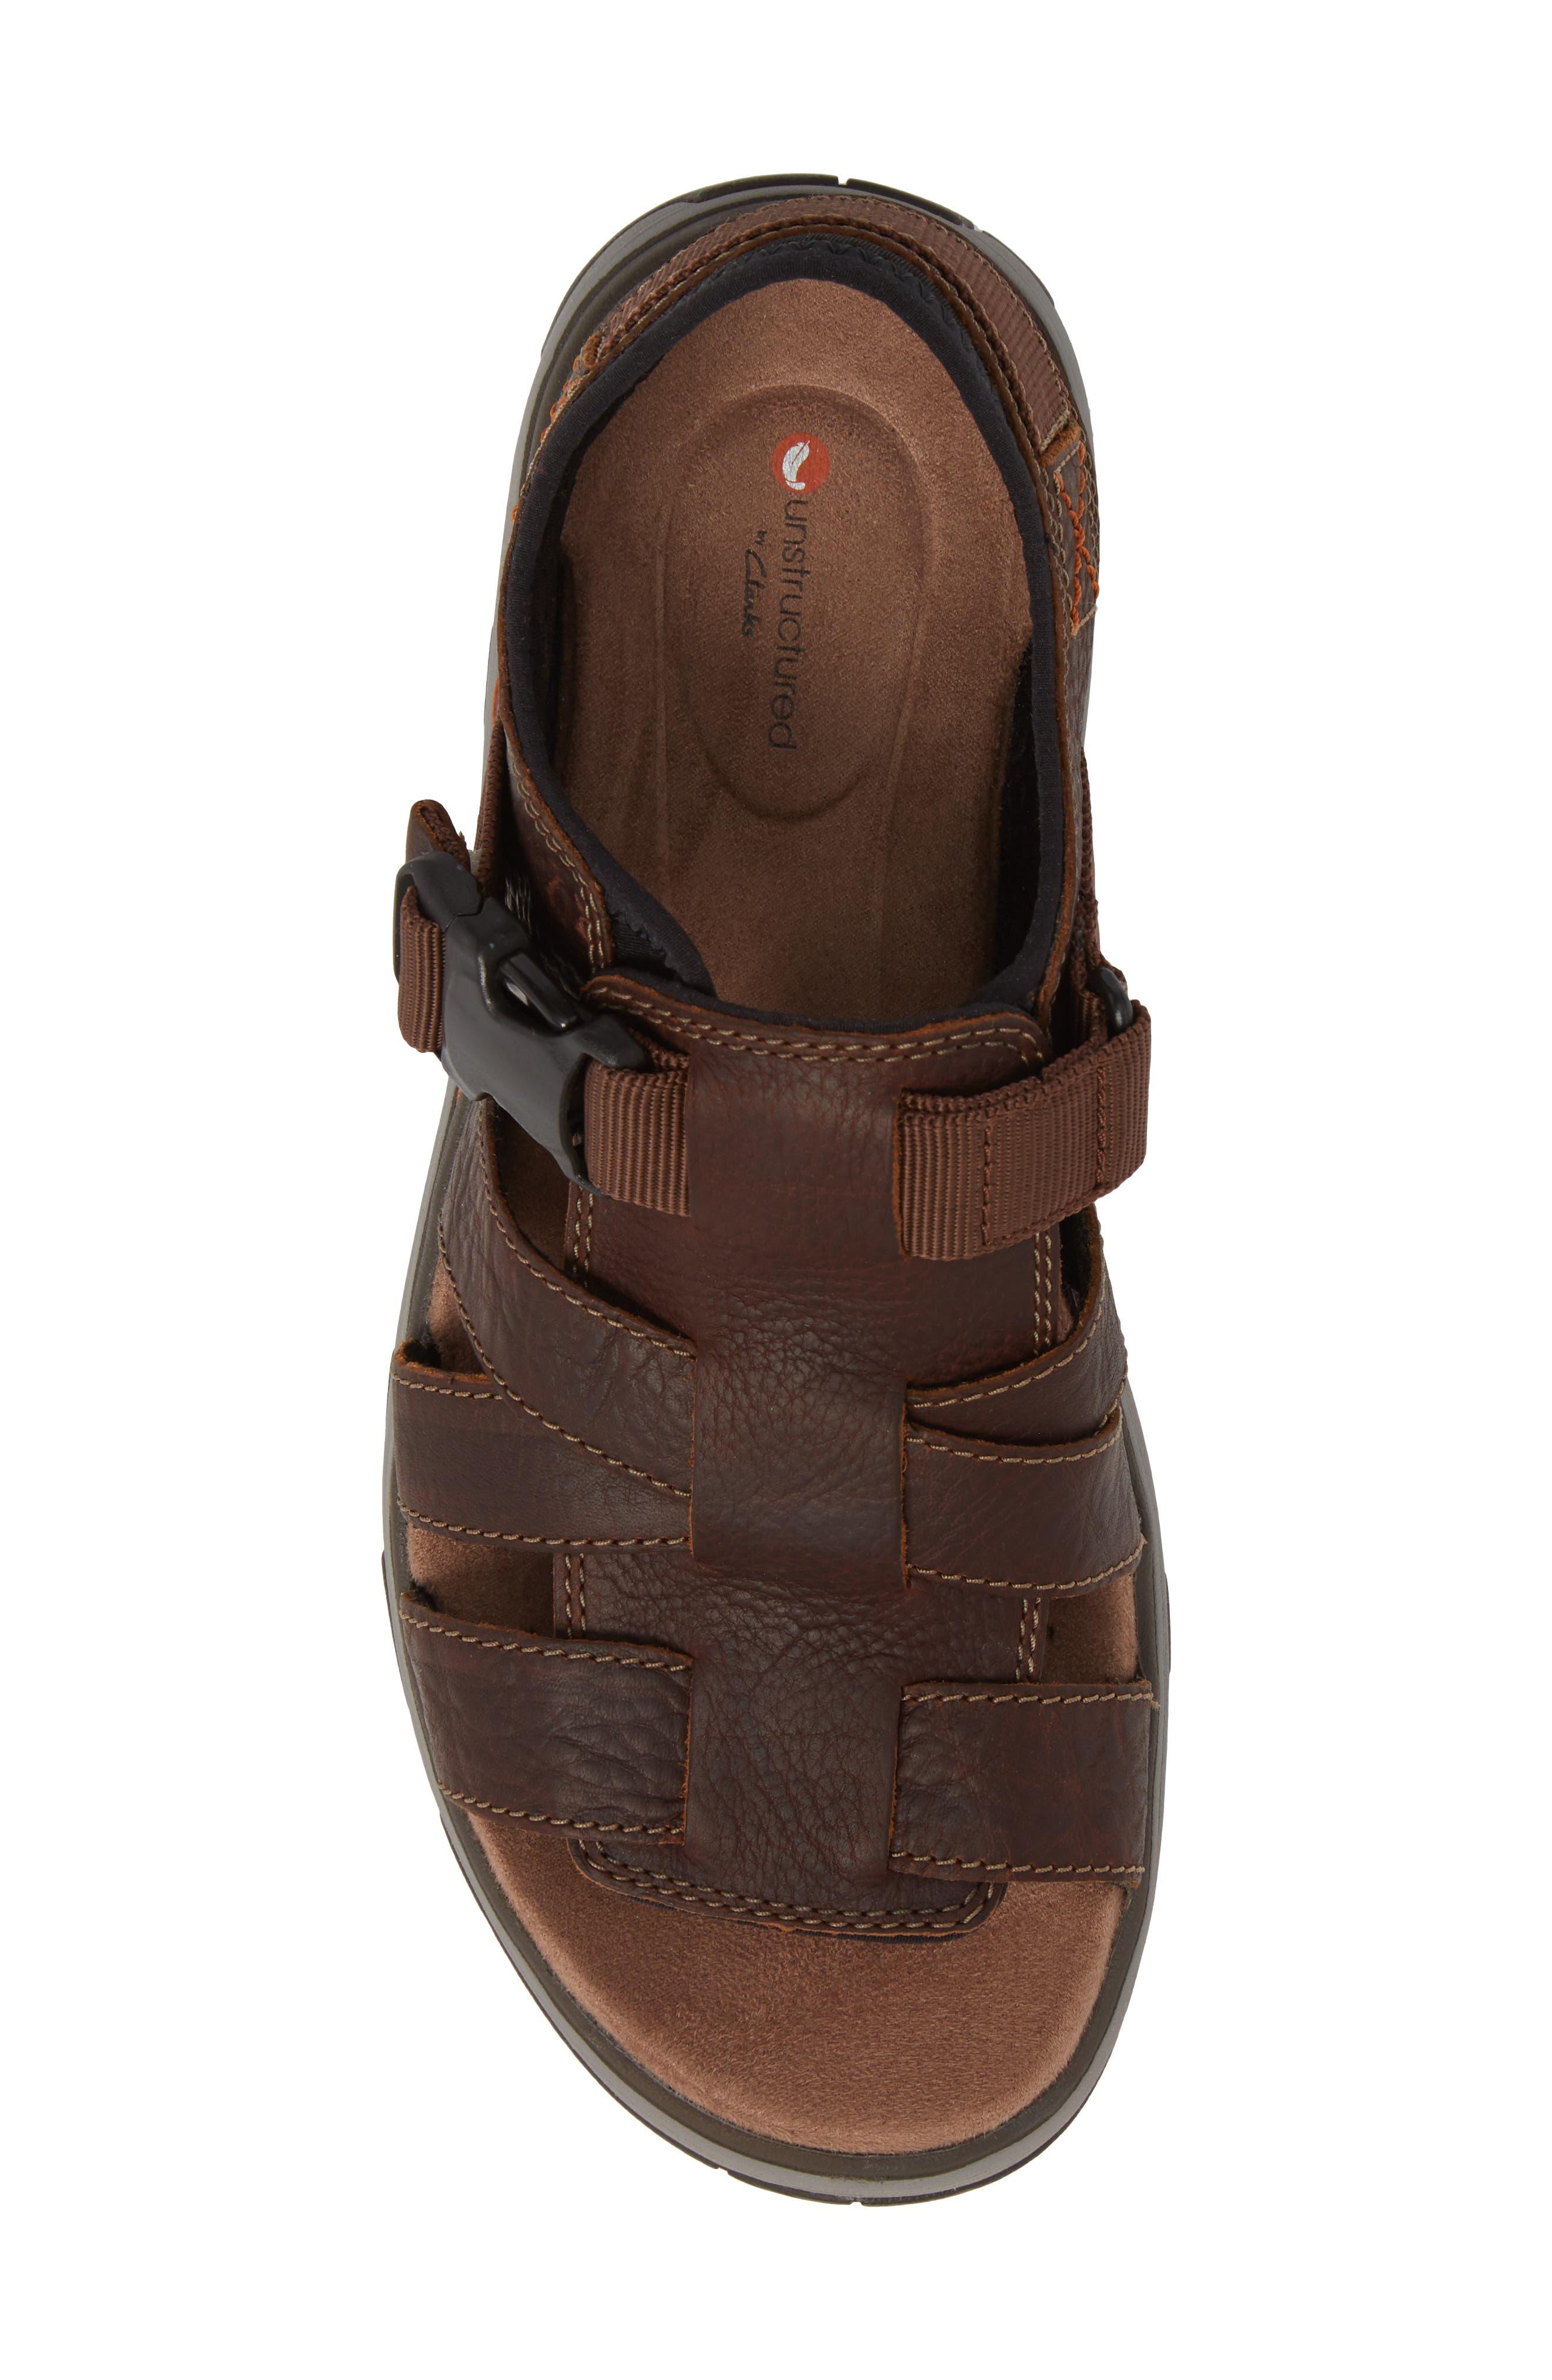 Clarks<sup>®</sup> Untrek Cove Fisherman Sandal,                             Alternate thumbnail 5, color,                             Dark Tan Leather